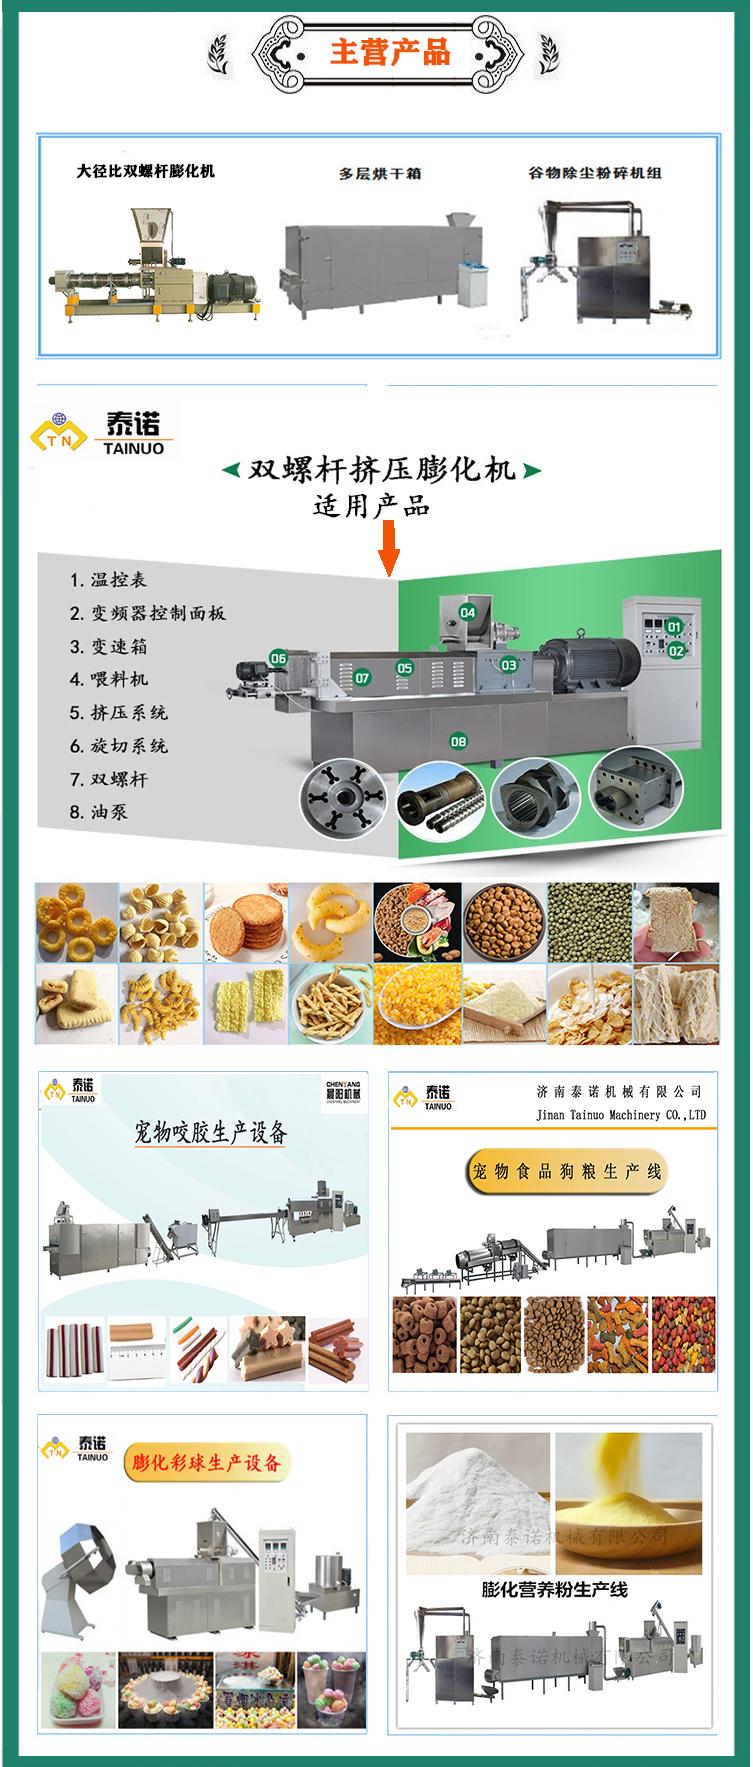 即食玉米片生产线泰诺机械高效诚意